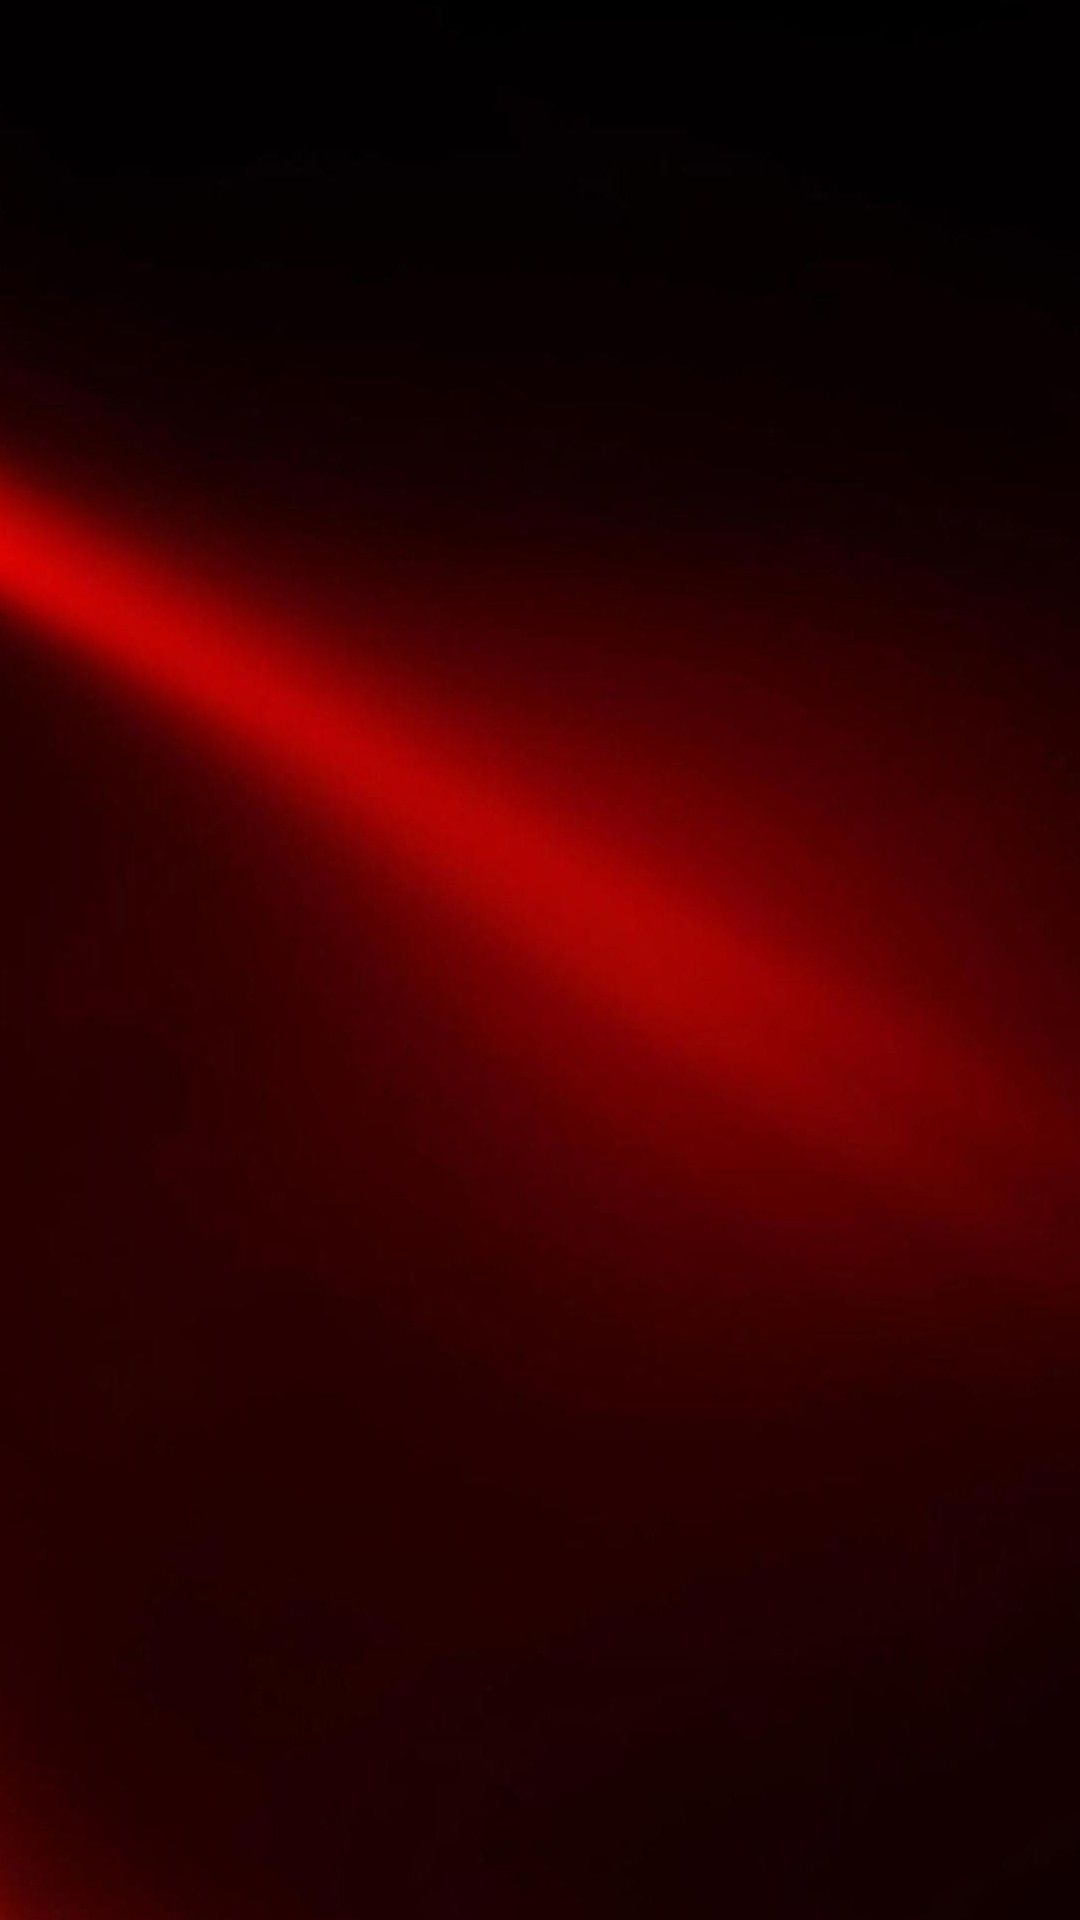 レッド ブラック 壁紙 赤